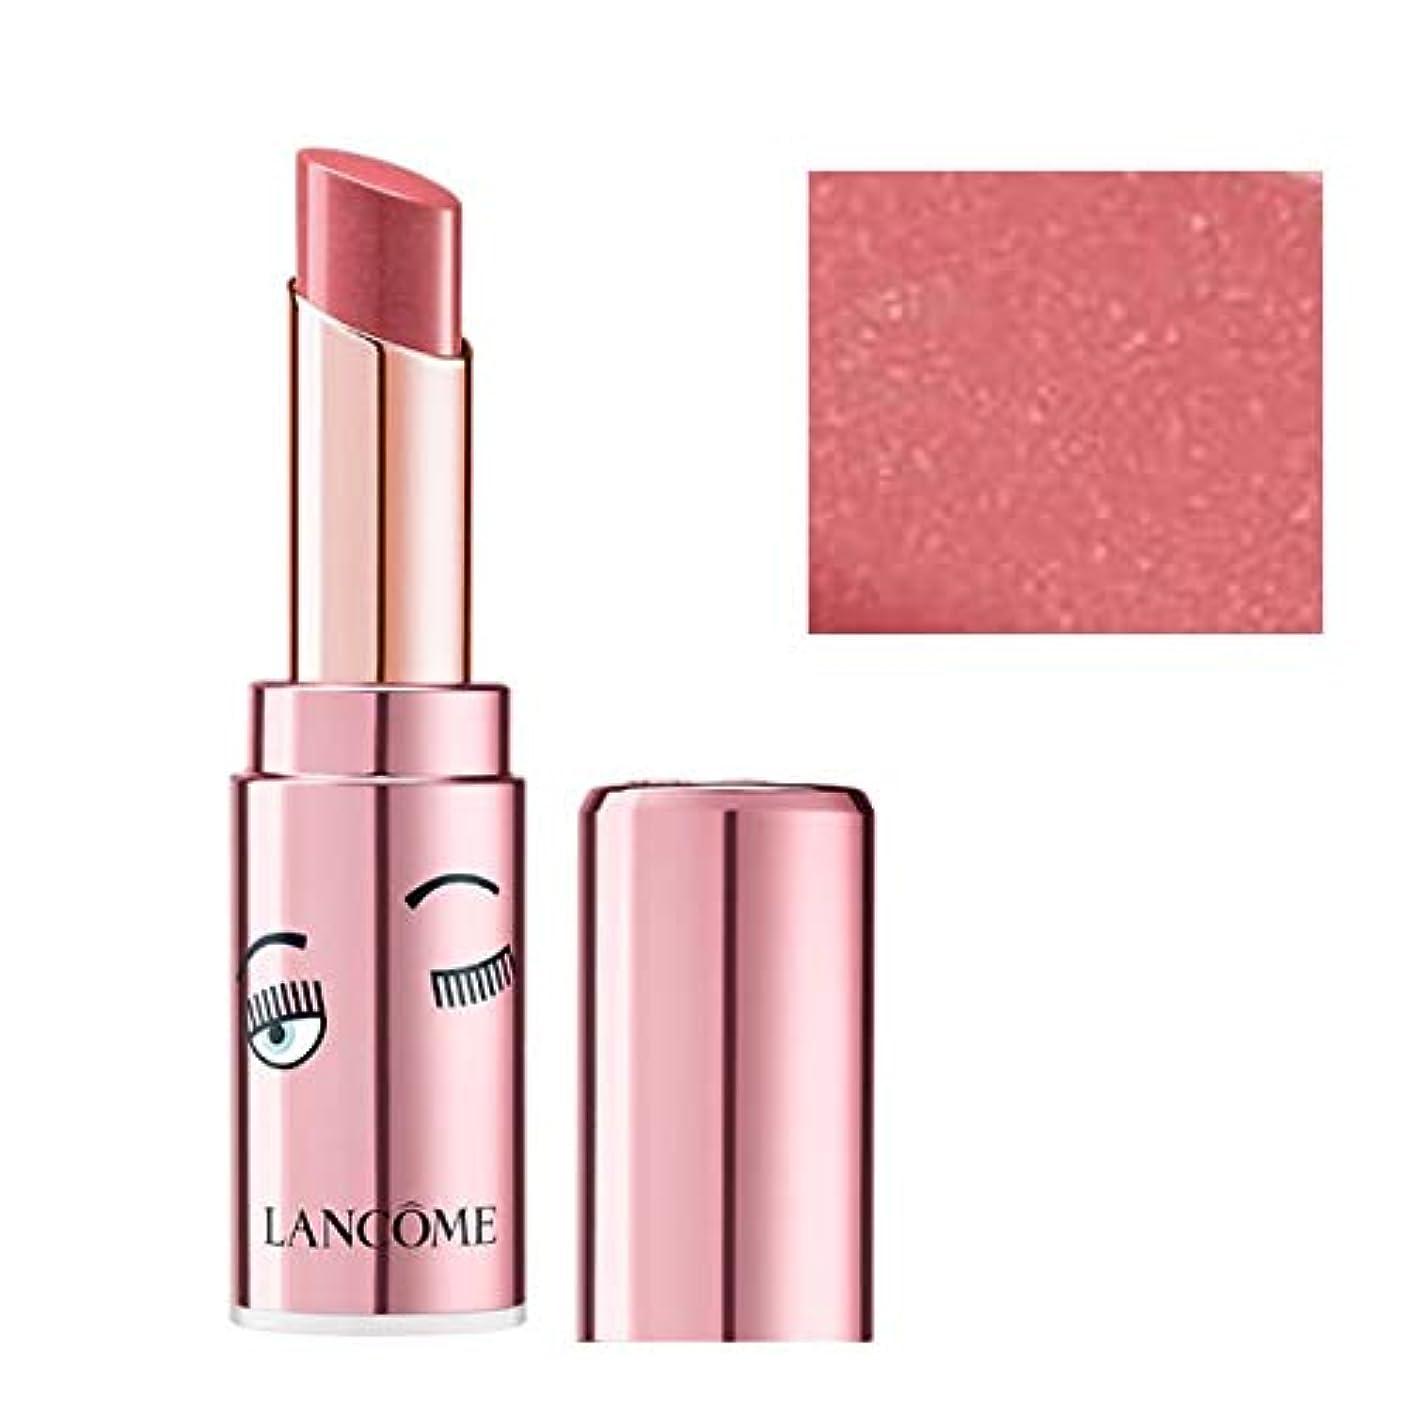 怒ってリル抗生物質ランコム(LANCOME), 限定版 limited-edition, x Chiara Ferragni L'Absolu Mademoiselle Shine Balm Lipstick - Independent...